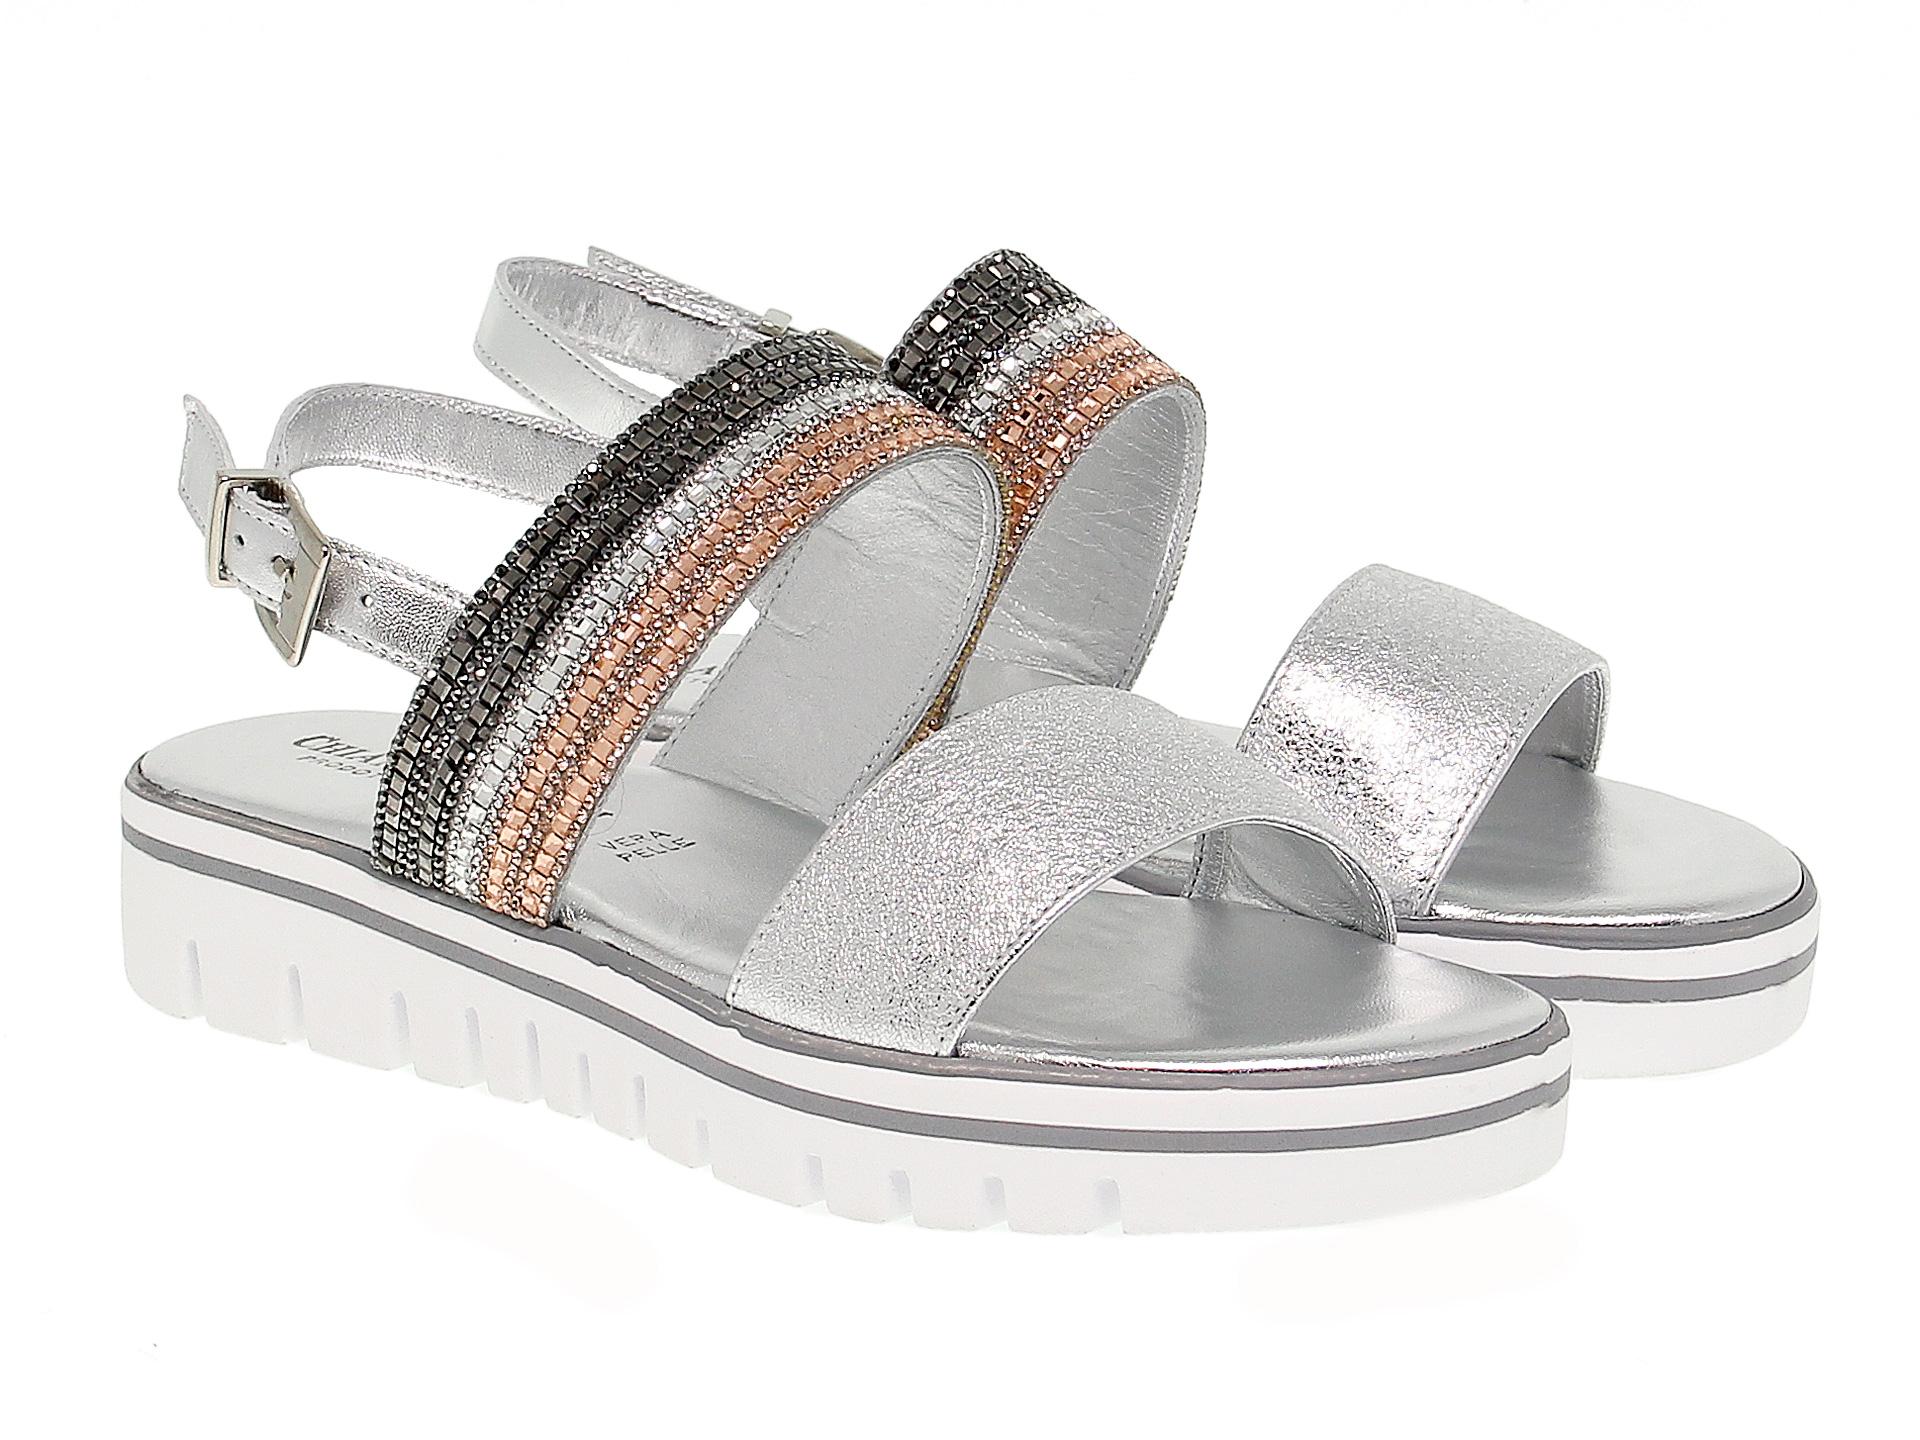 Sandalo basso Pasquini Calzature in pelle  369c09dda70